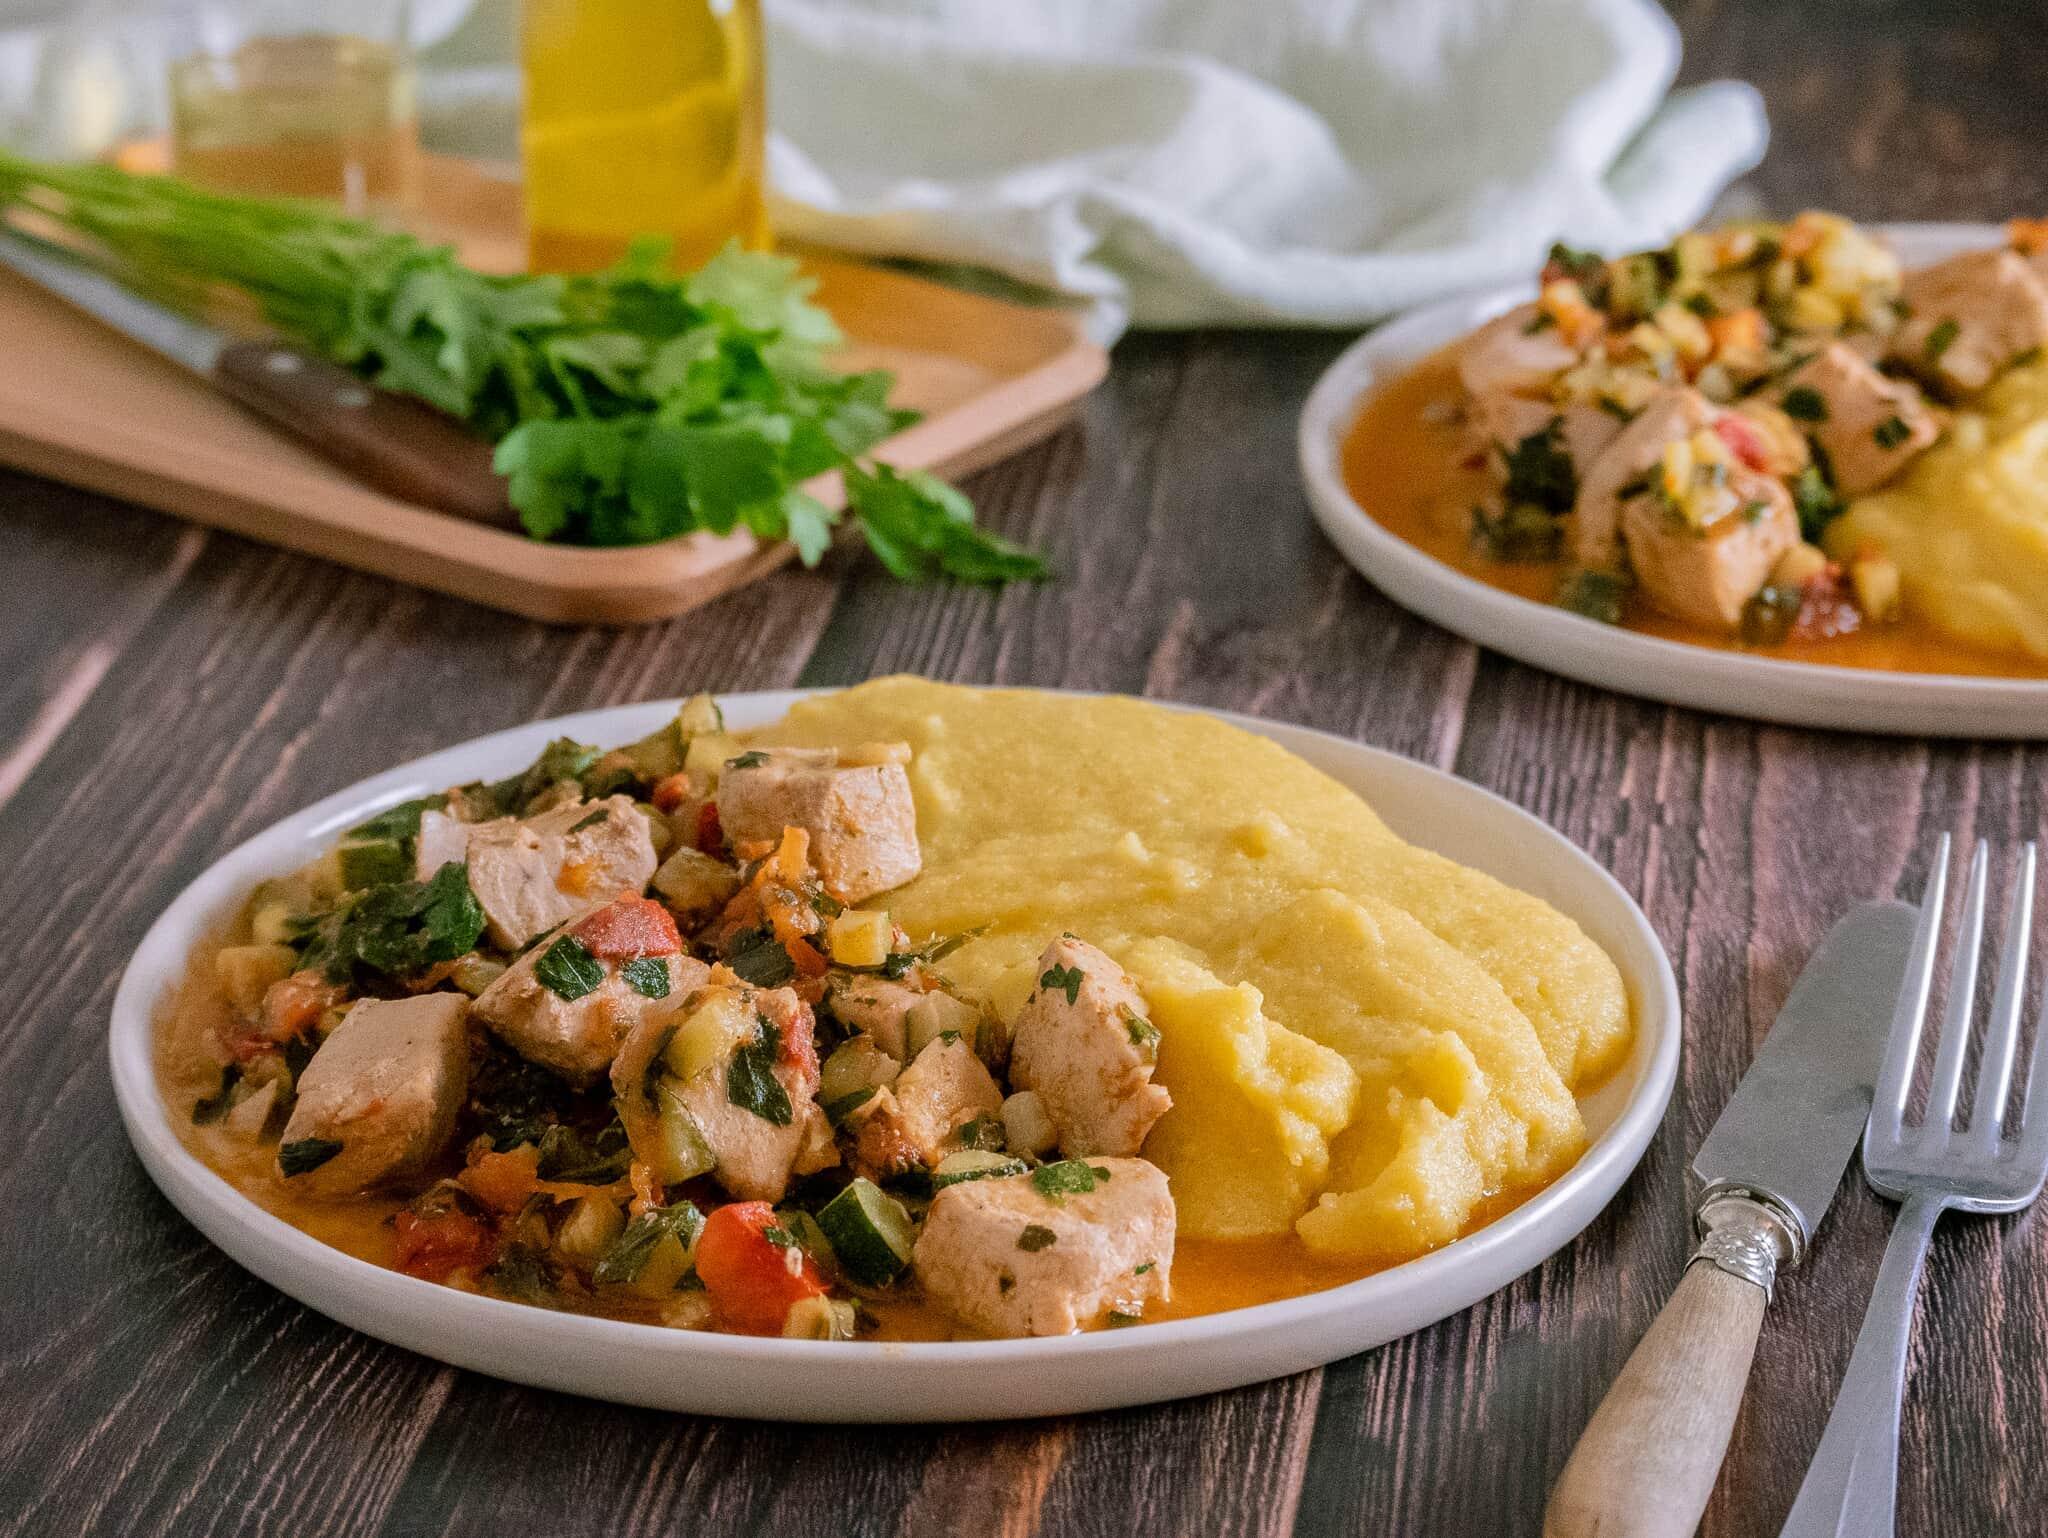 Recette 2 - Thon aux légumes mijotés et polenta